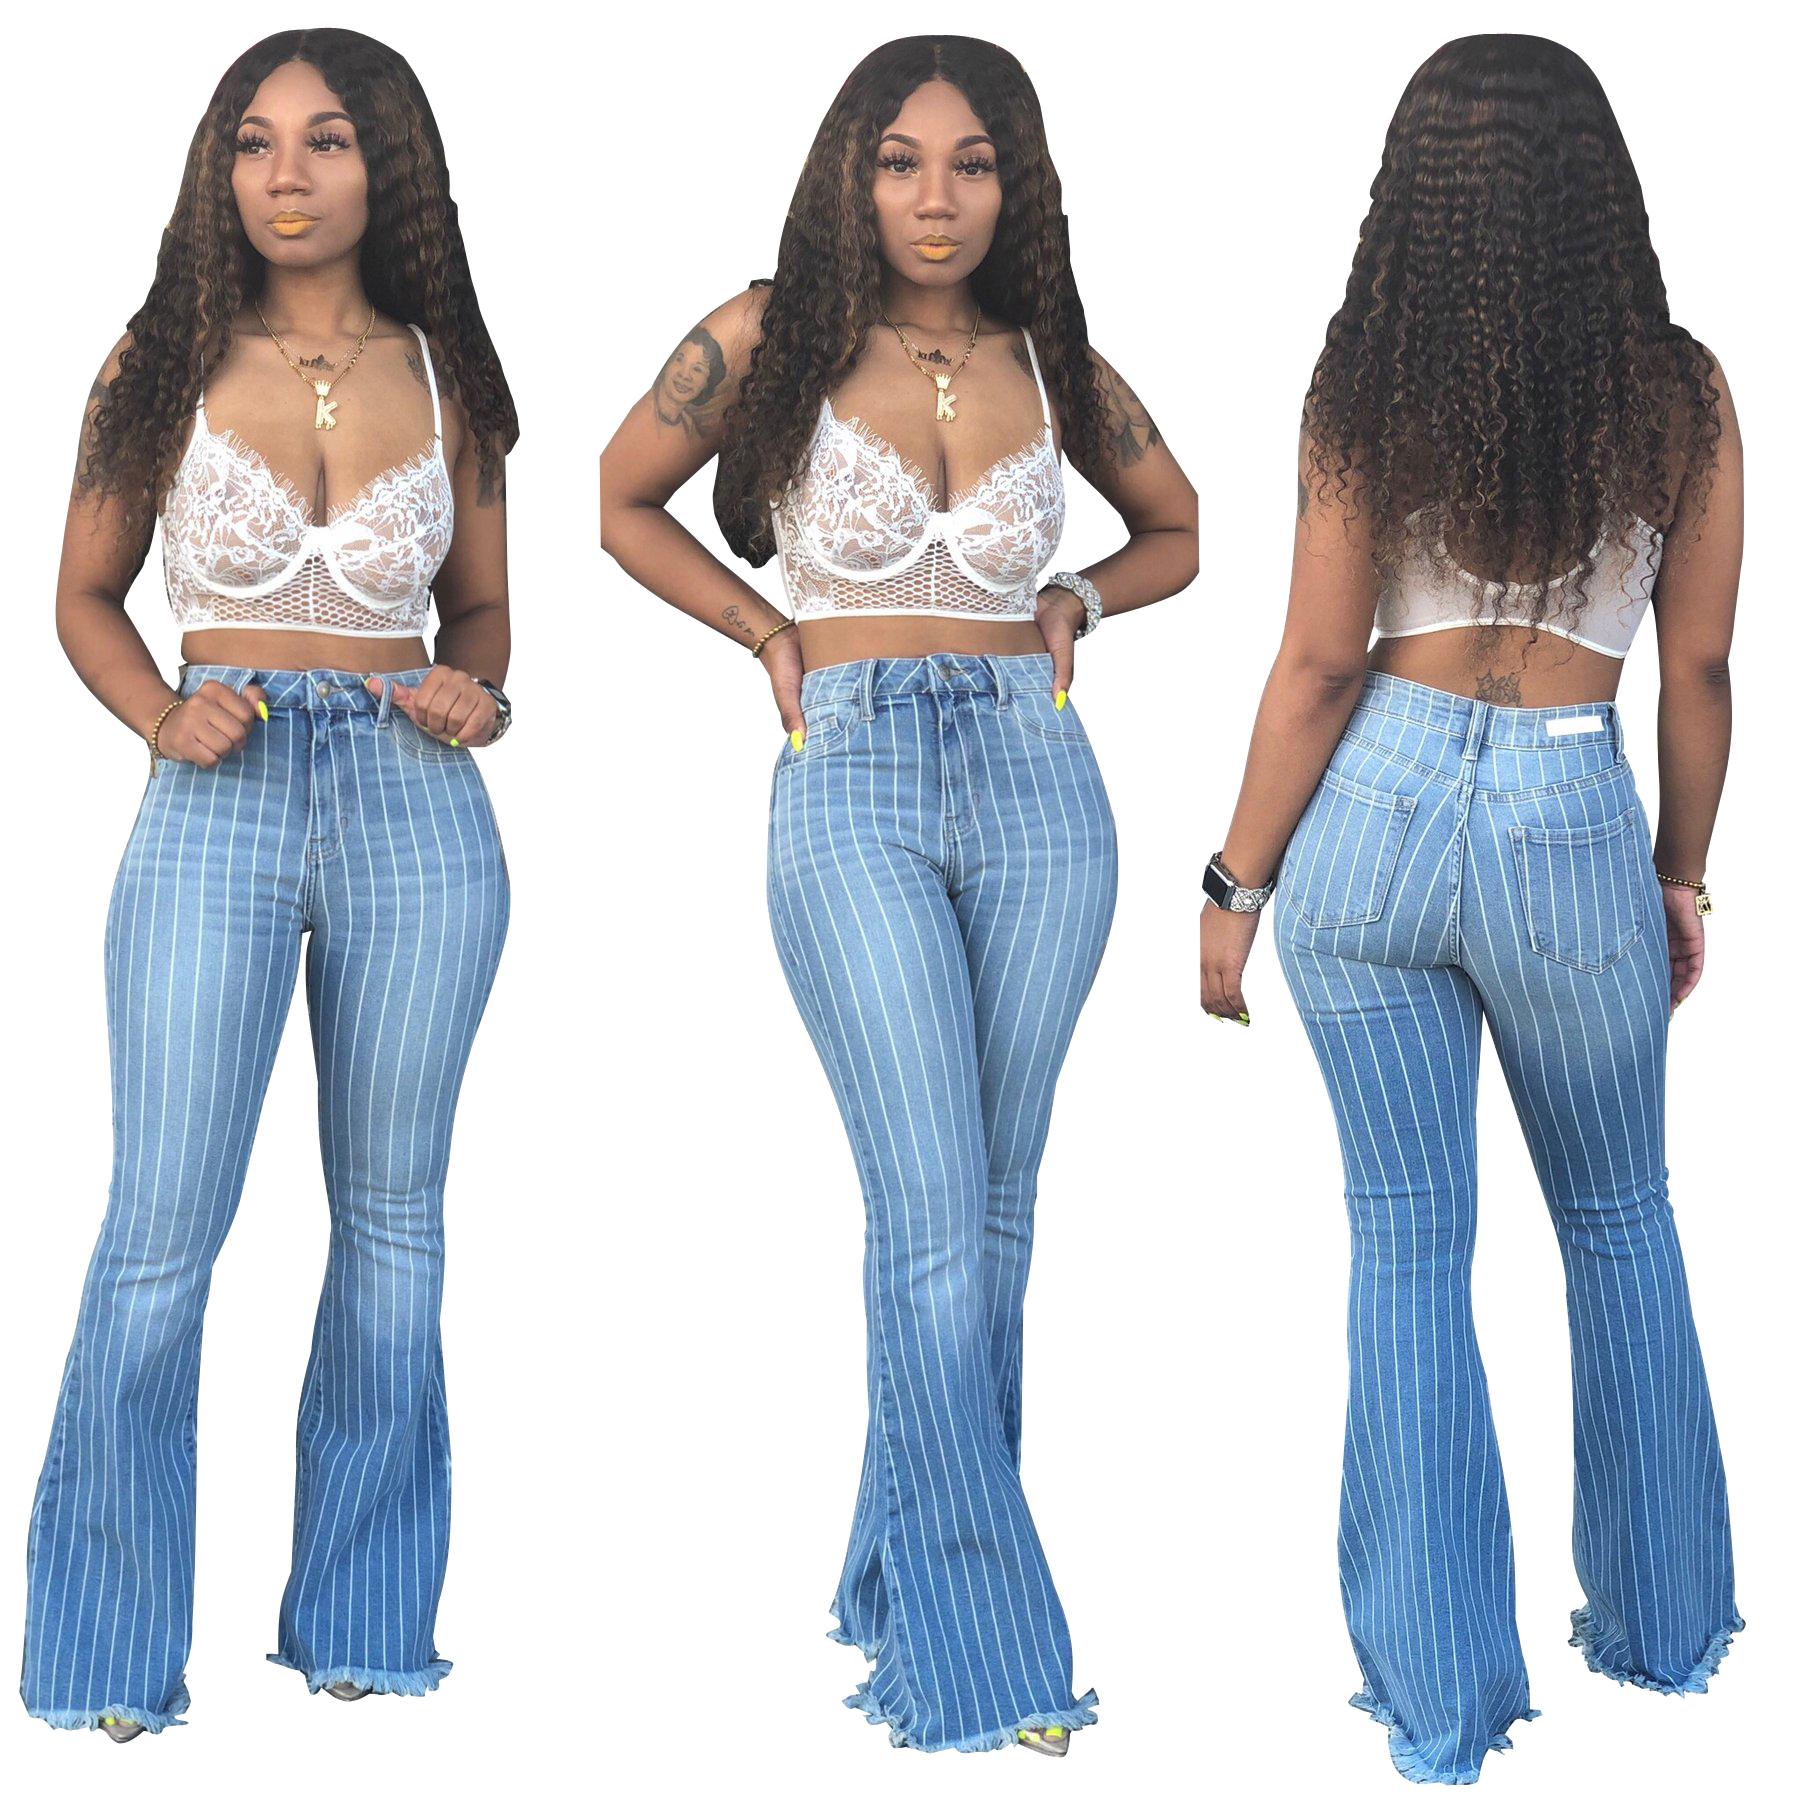 Pantalones Vaqueros Acampanados A Rayas Para Mujer L2311 Buy Pantalones Vaqueros A Rayas Pantalones De Jeans Para Mujer Pantalones Acampanados A Rayas Product On Alibaba Com